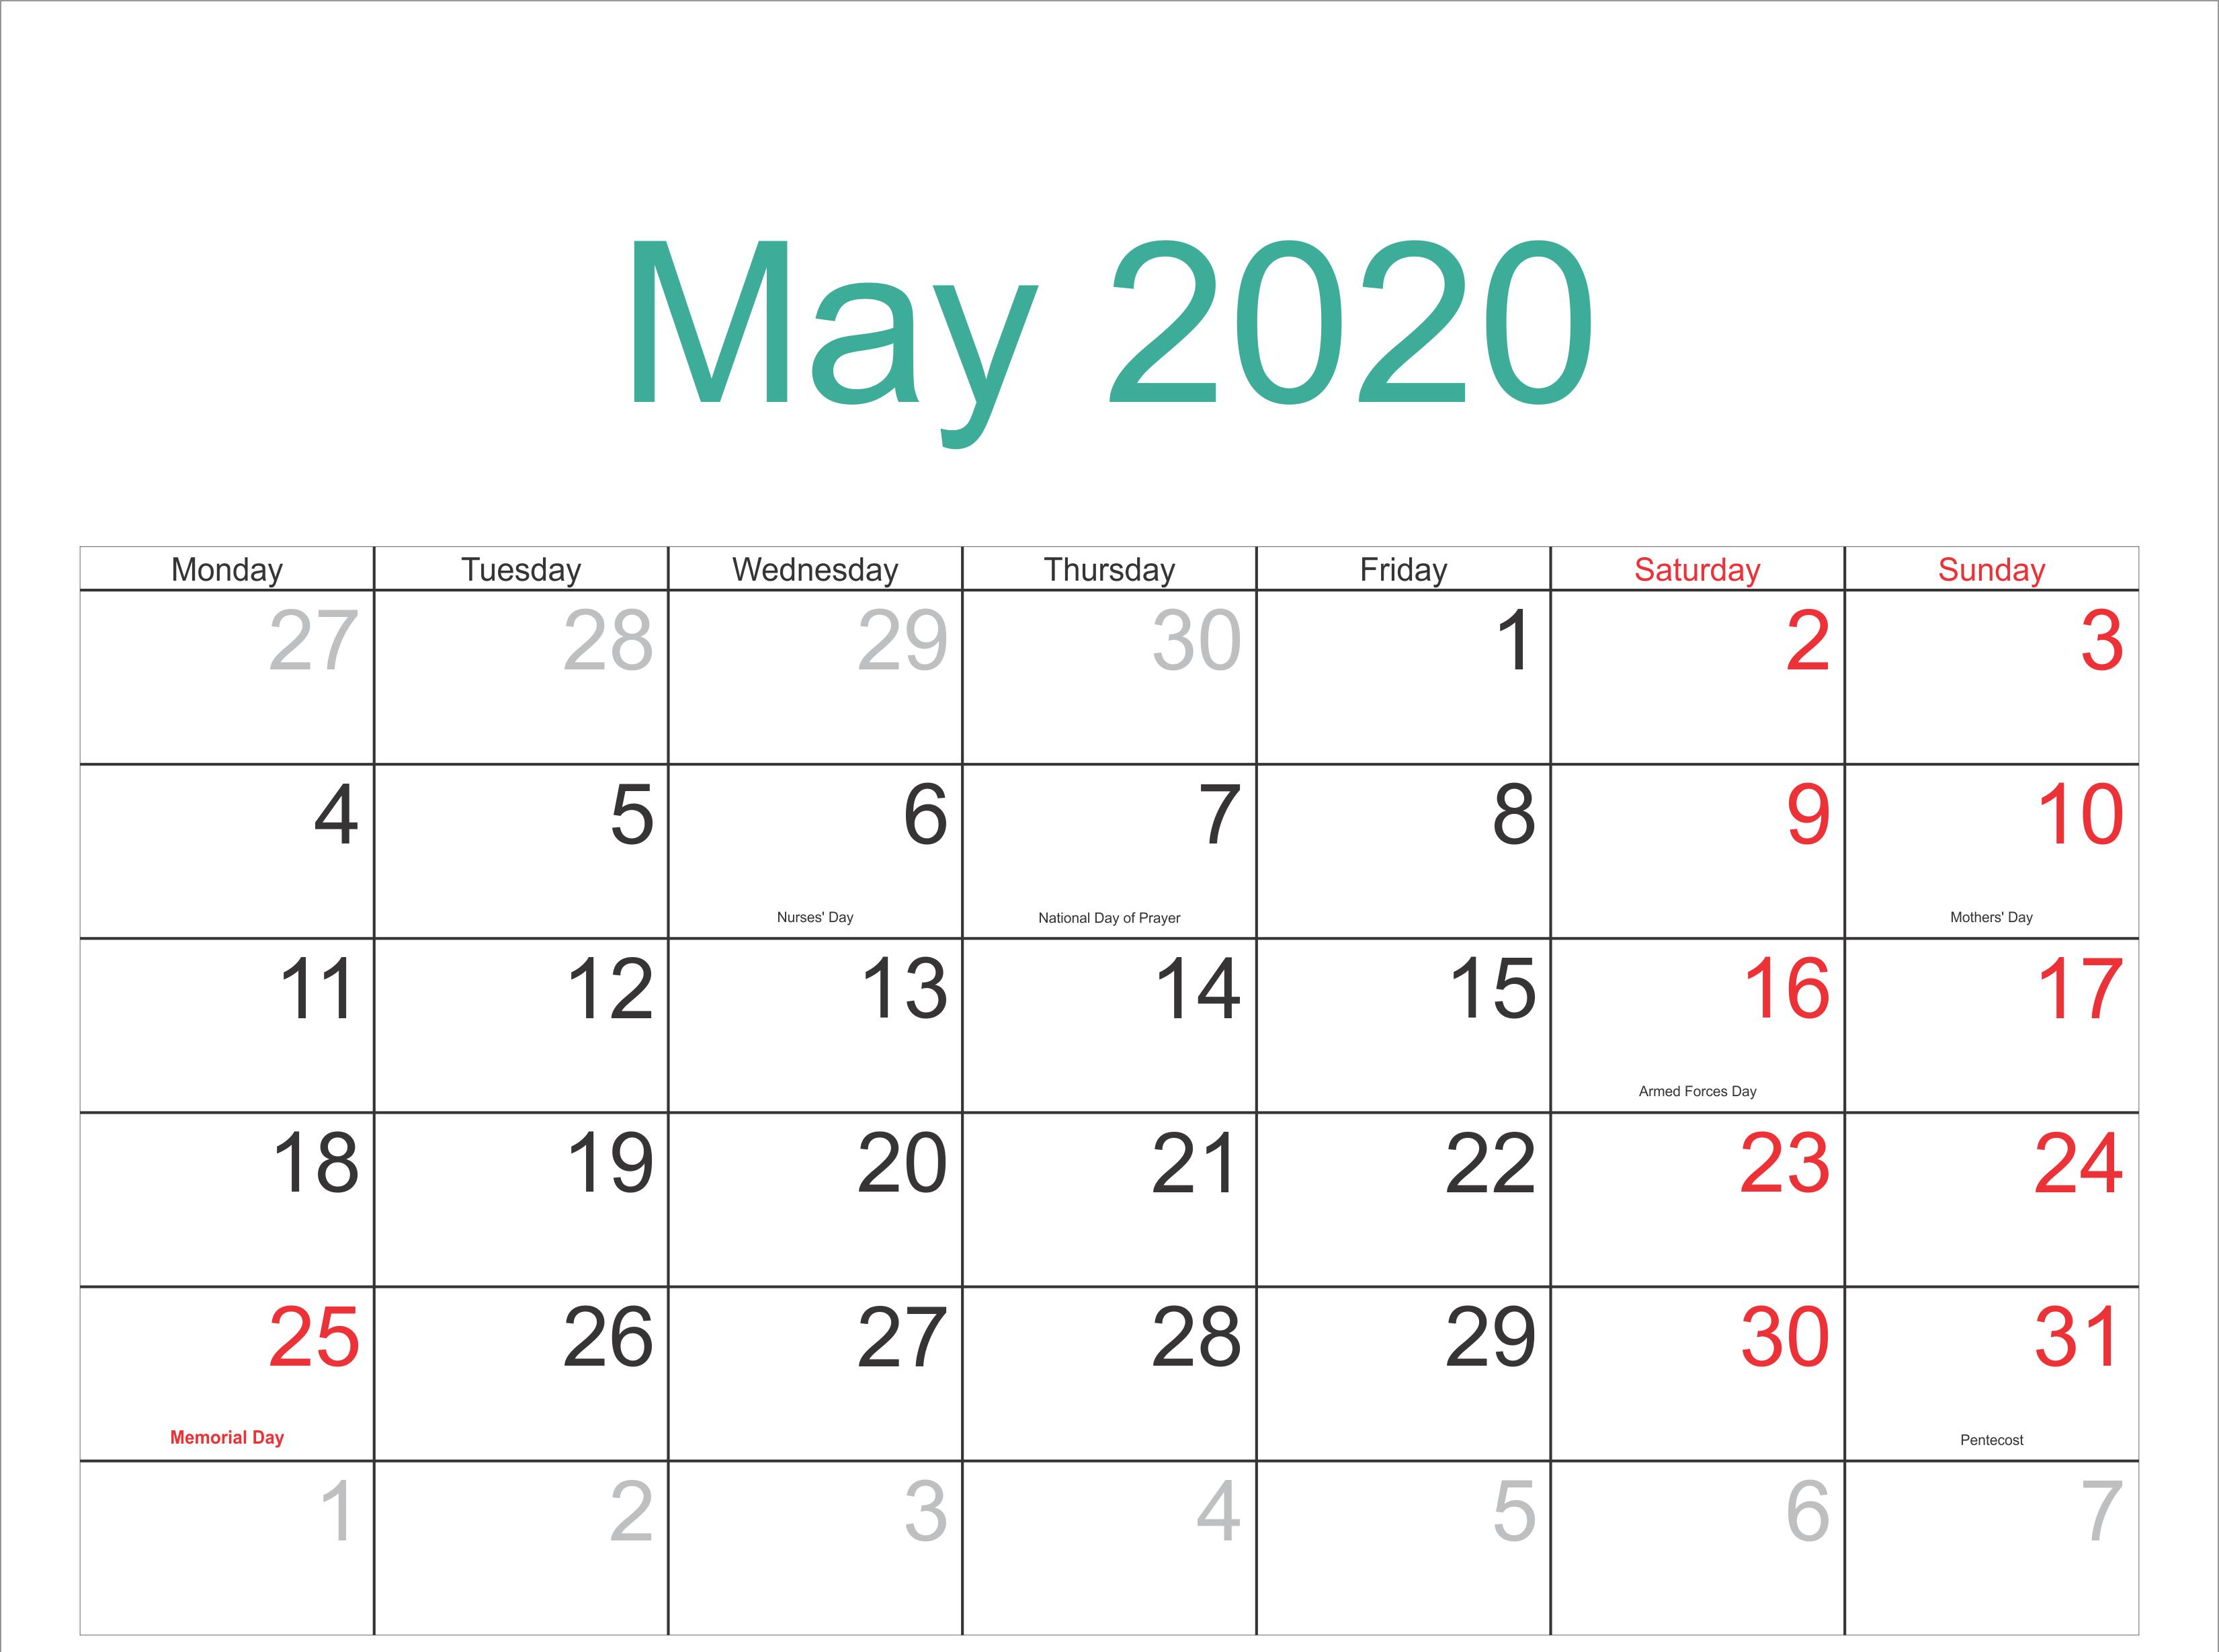 May 2020 Calendar Printable with Holidays may may2020